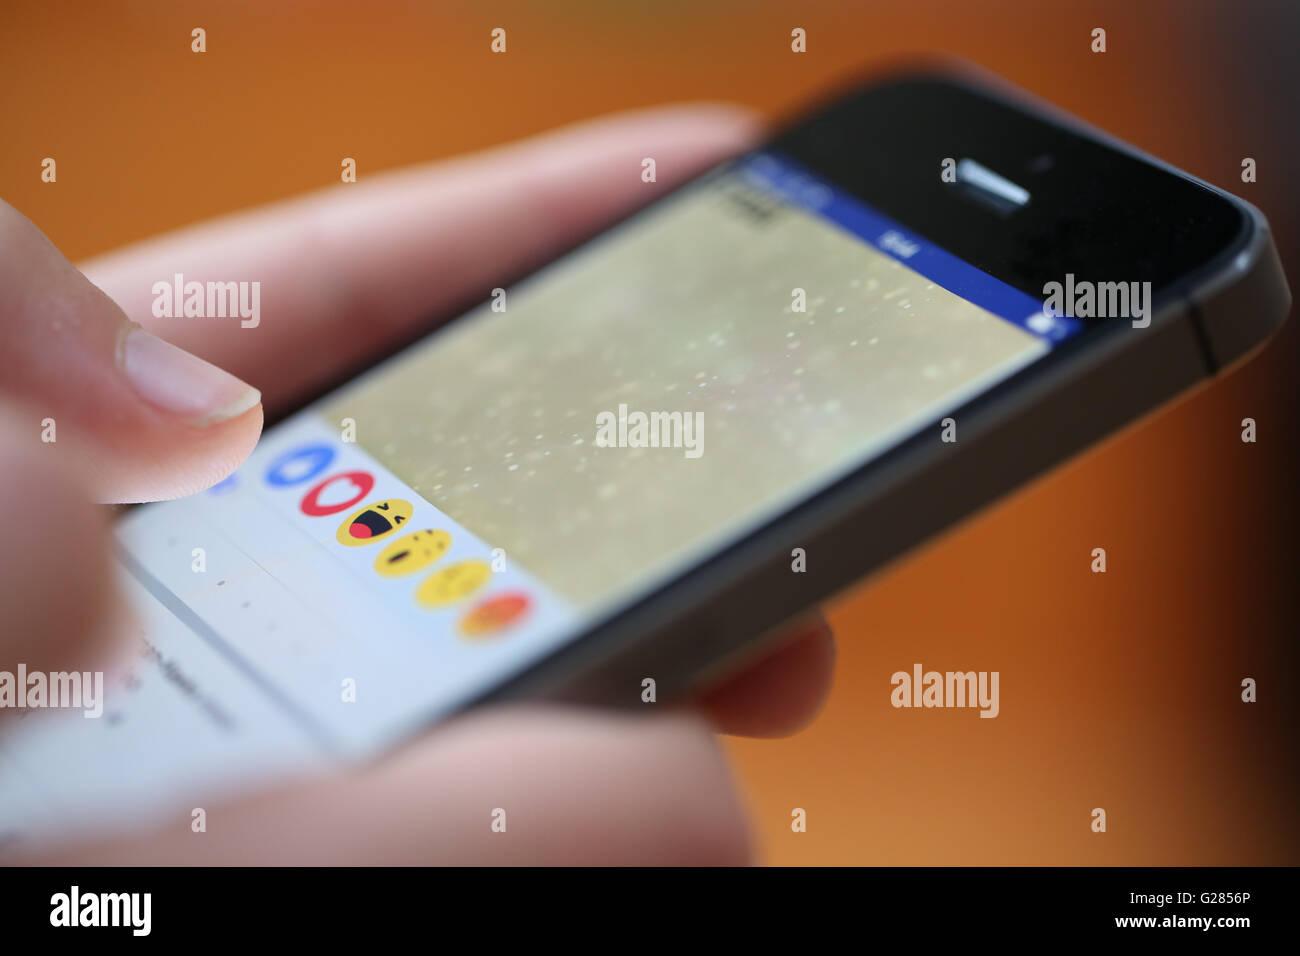 Un adolescent à l'aide de réactions sur l'application facebook sur un téléphone intelligent Photo Stock